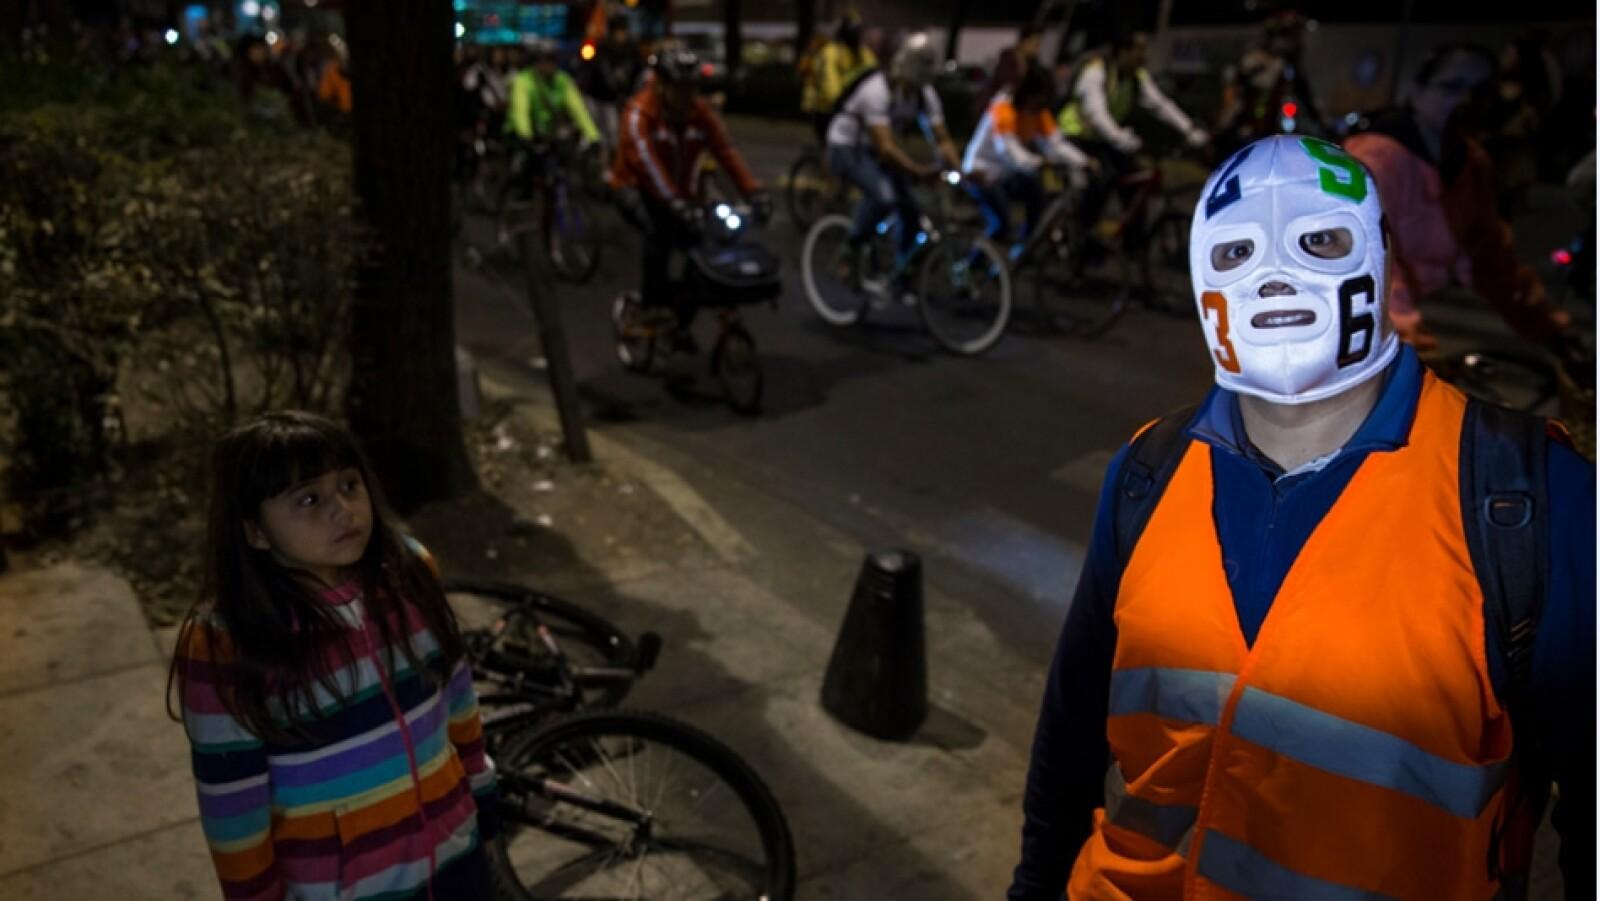 paseo ciclista con mascara de luchadores